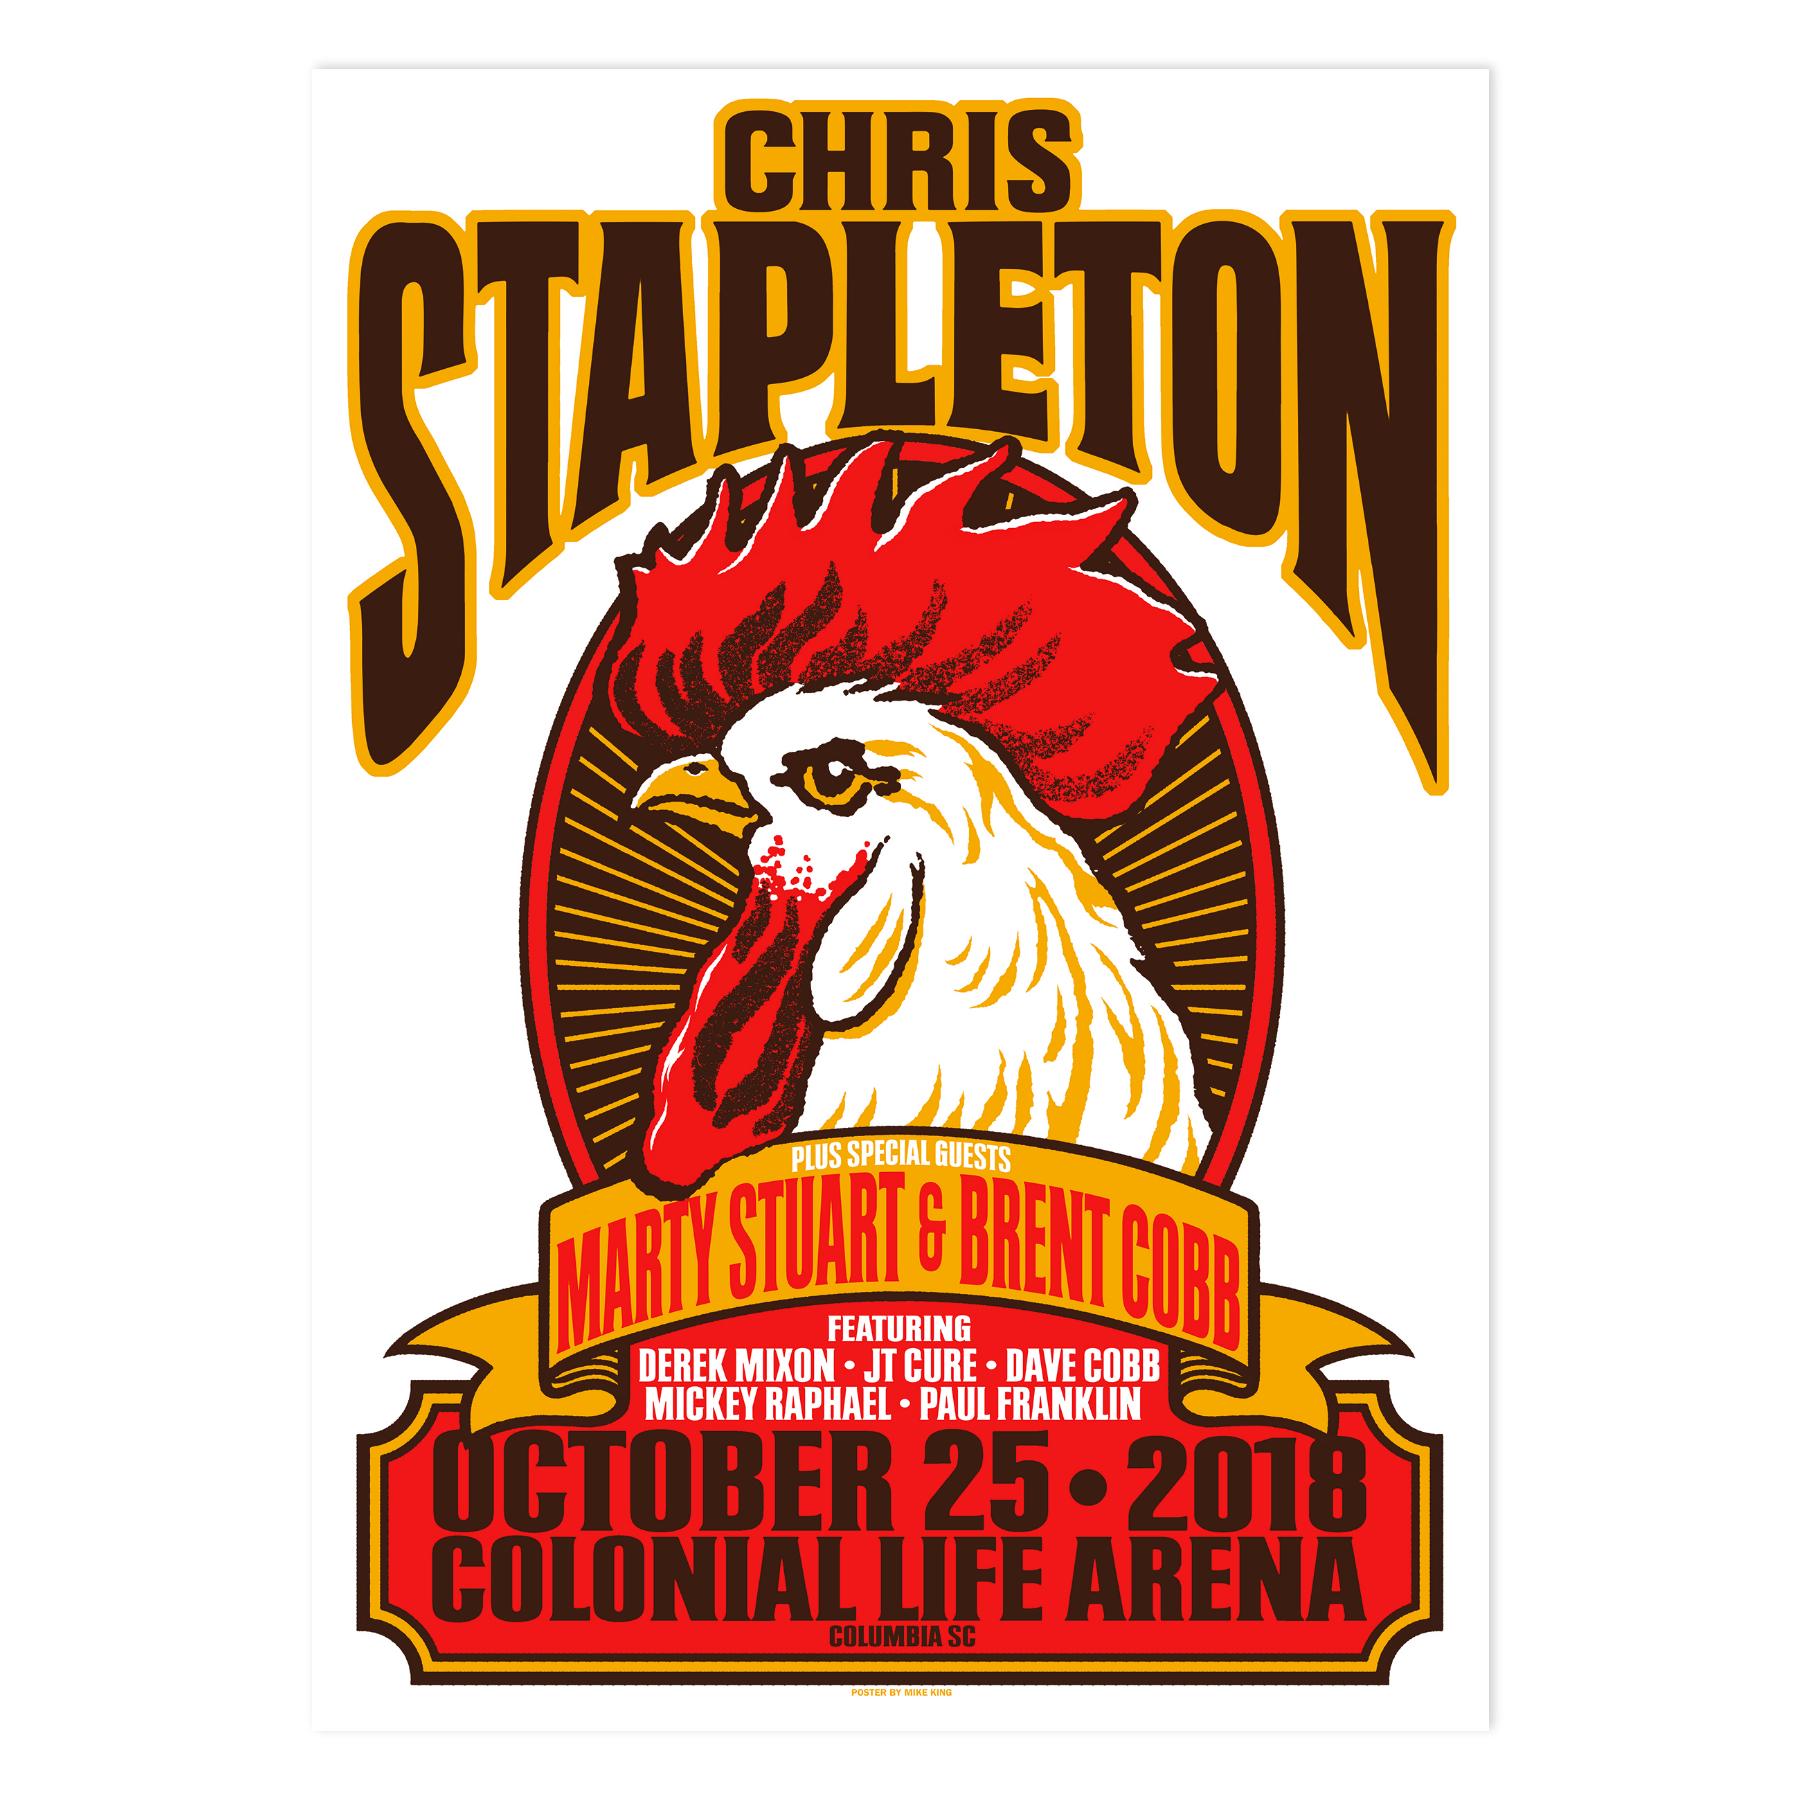 Chris Stapleton Show Poster – Columbia, SC 10/25/2018